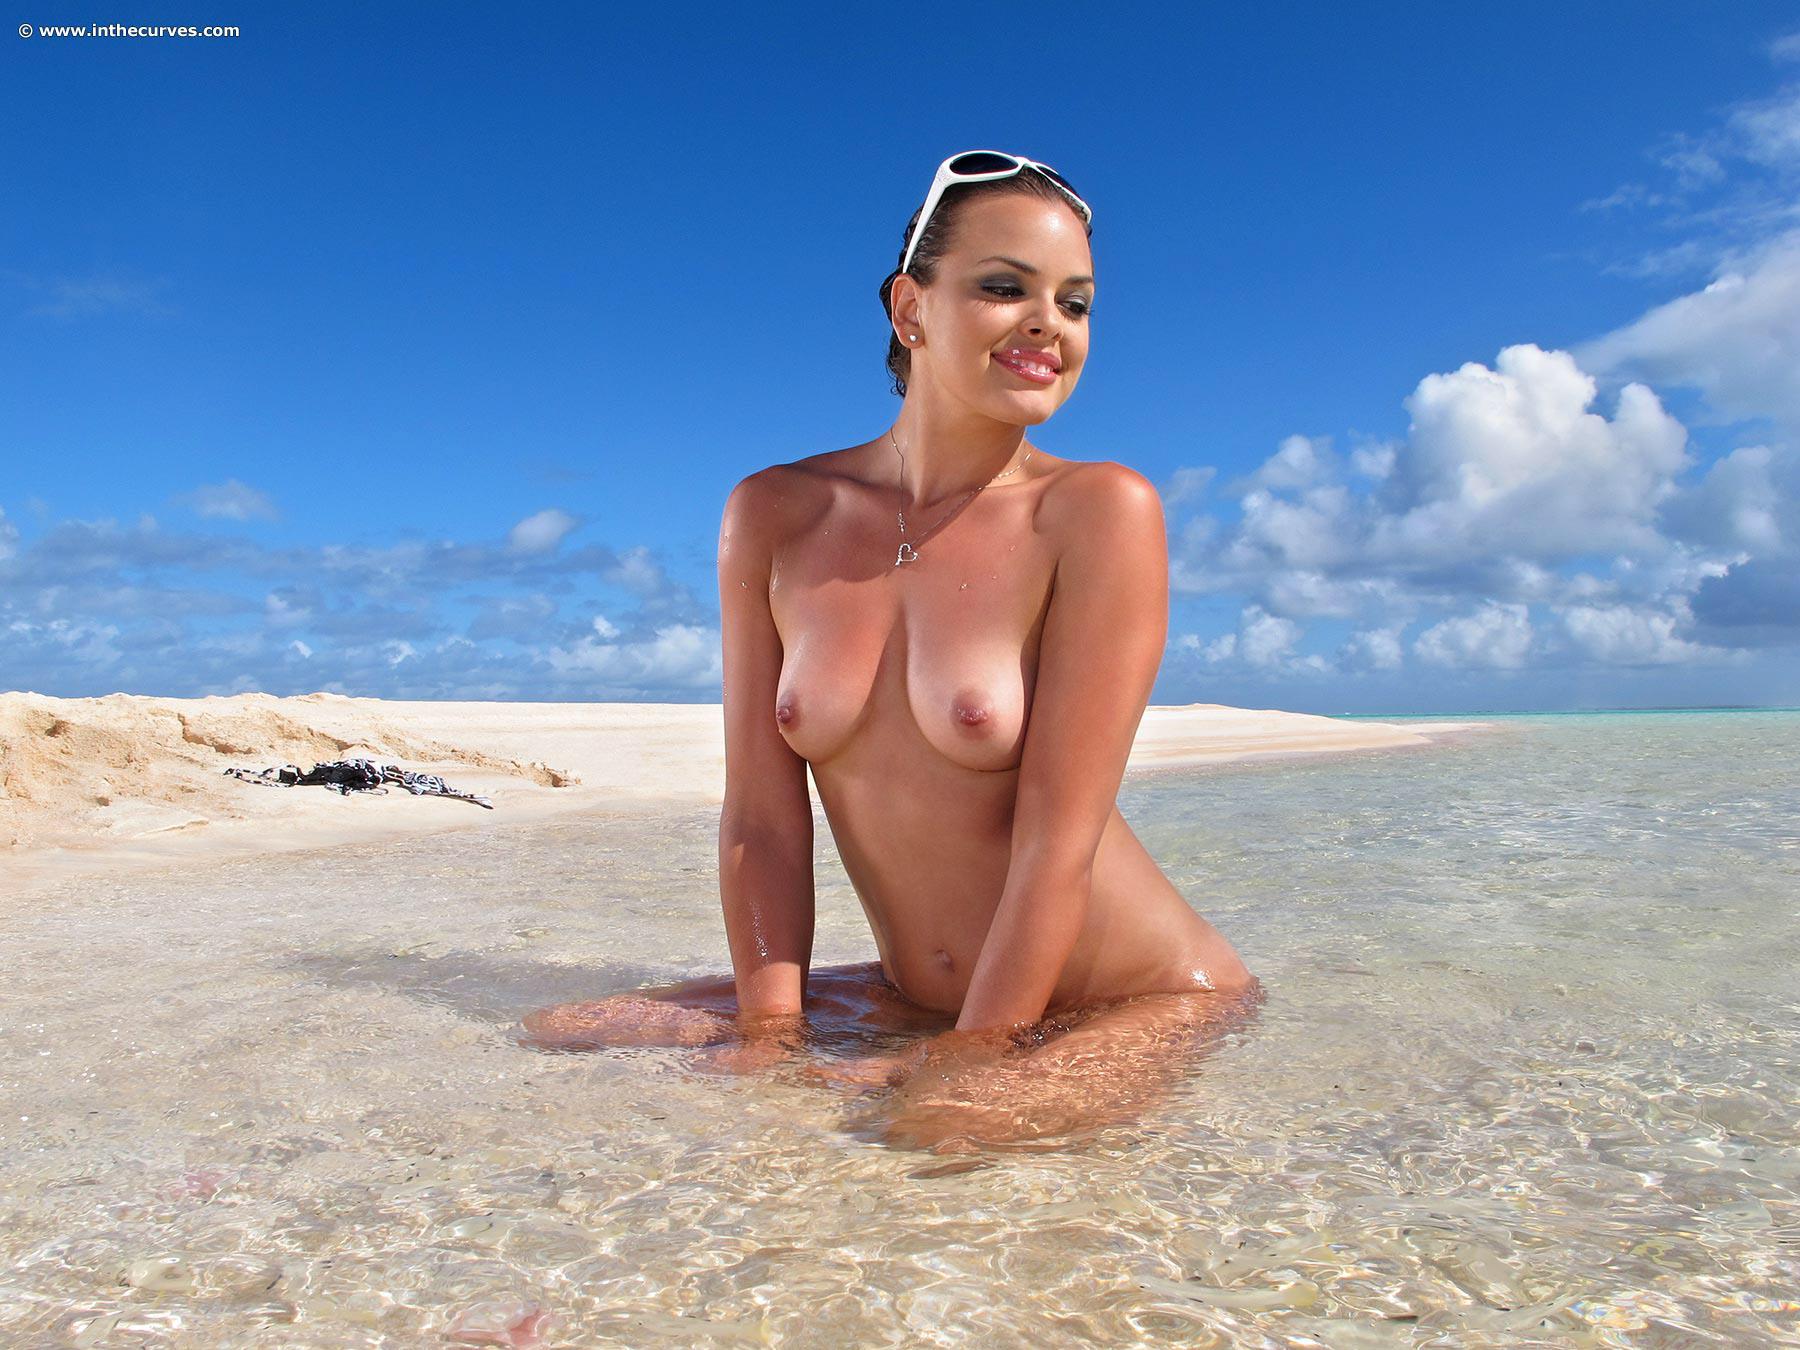 Киски на пляже фото 7